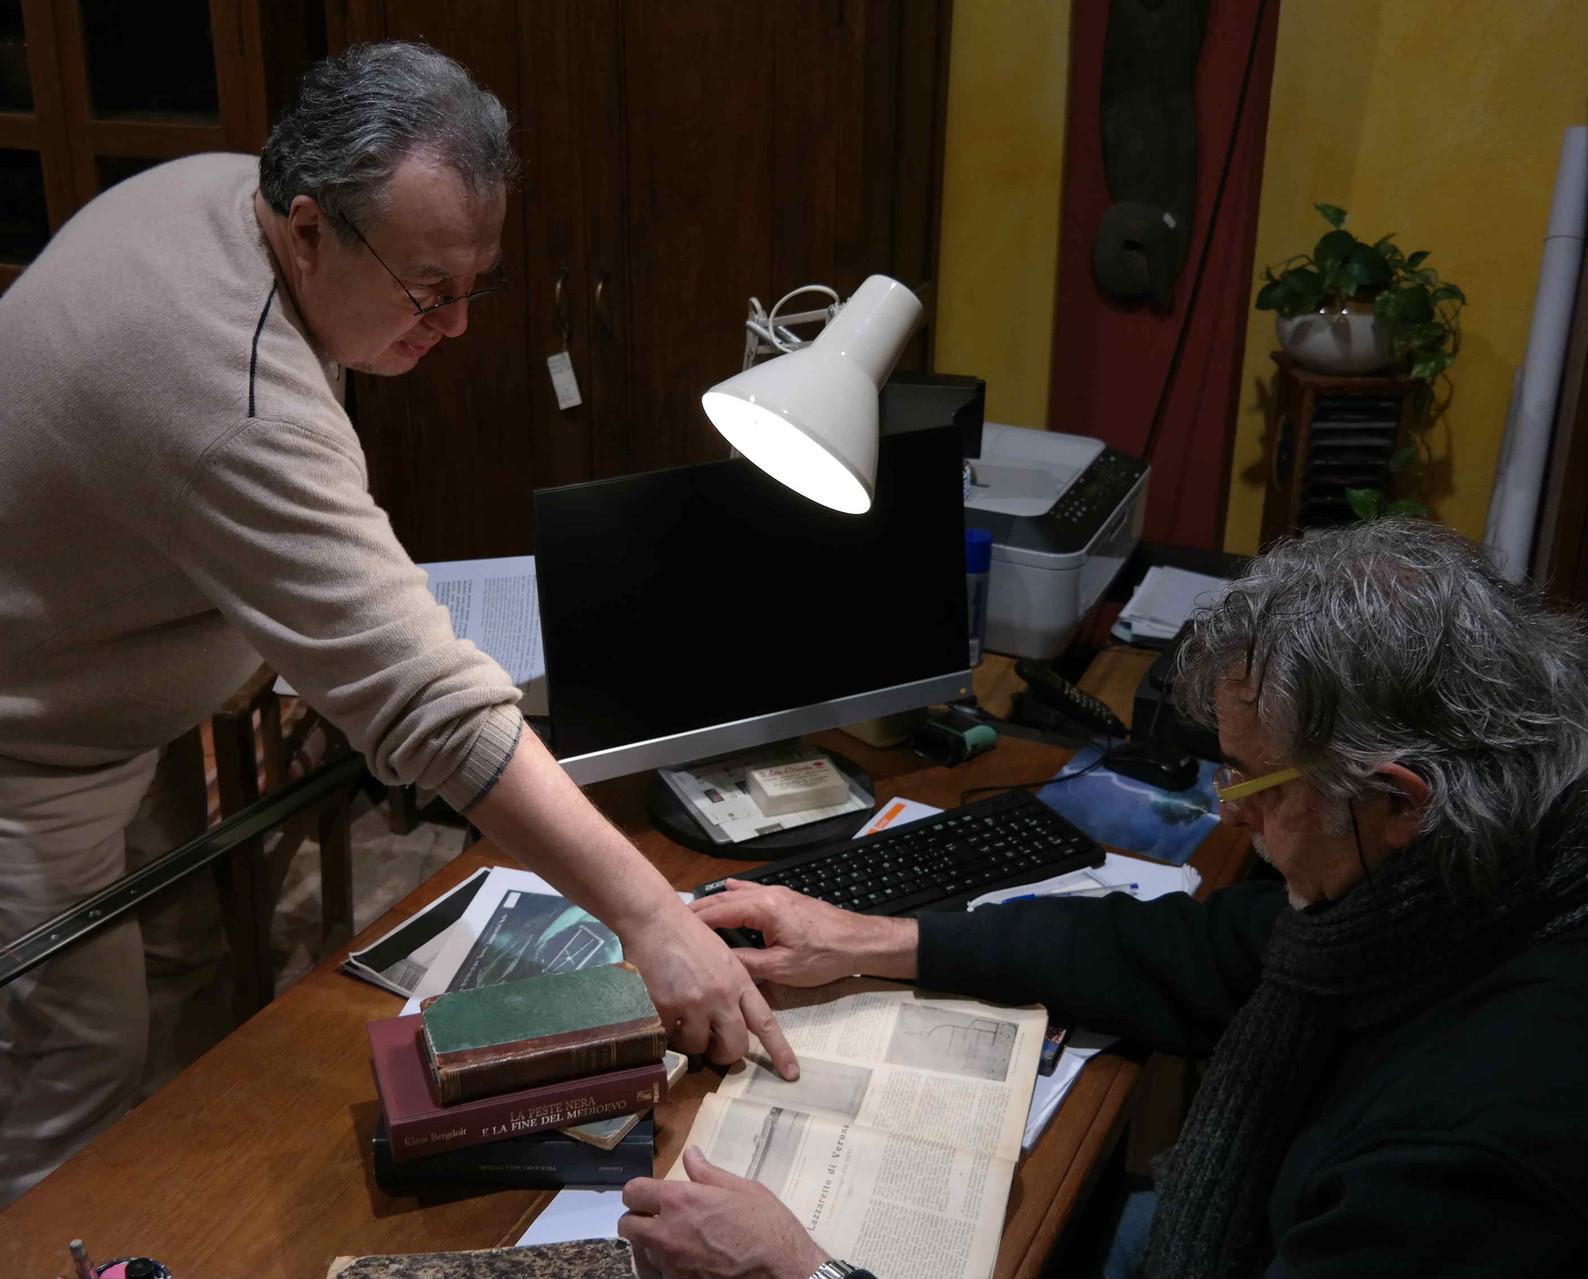 Il regista Mauro Vittorio Quattrina con l'attore Michele Vigilante durante le riprese